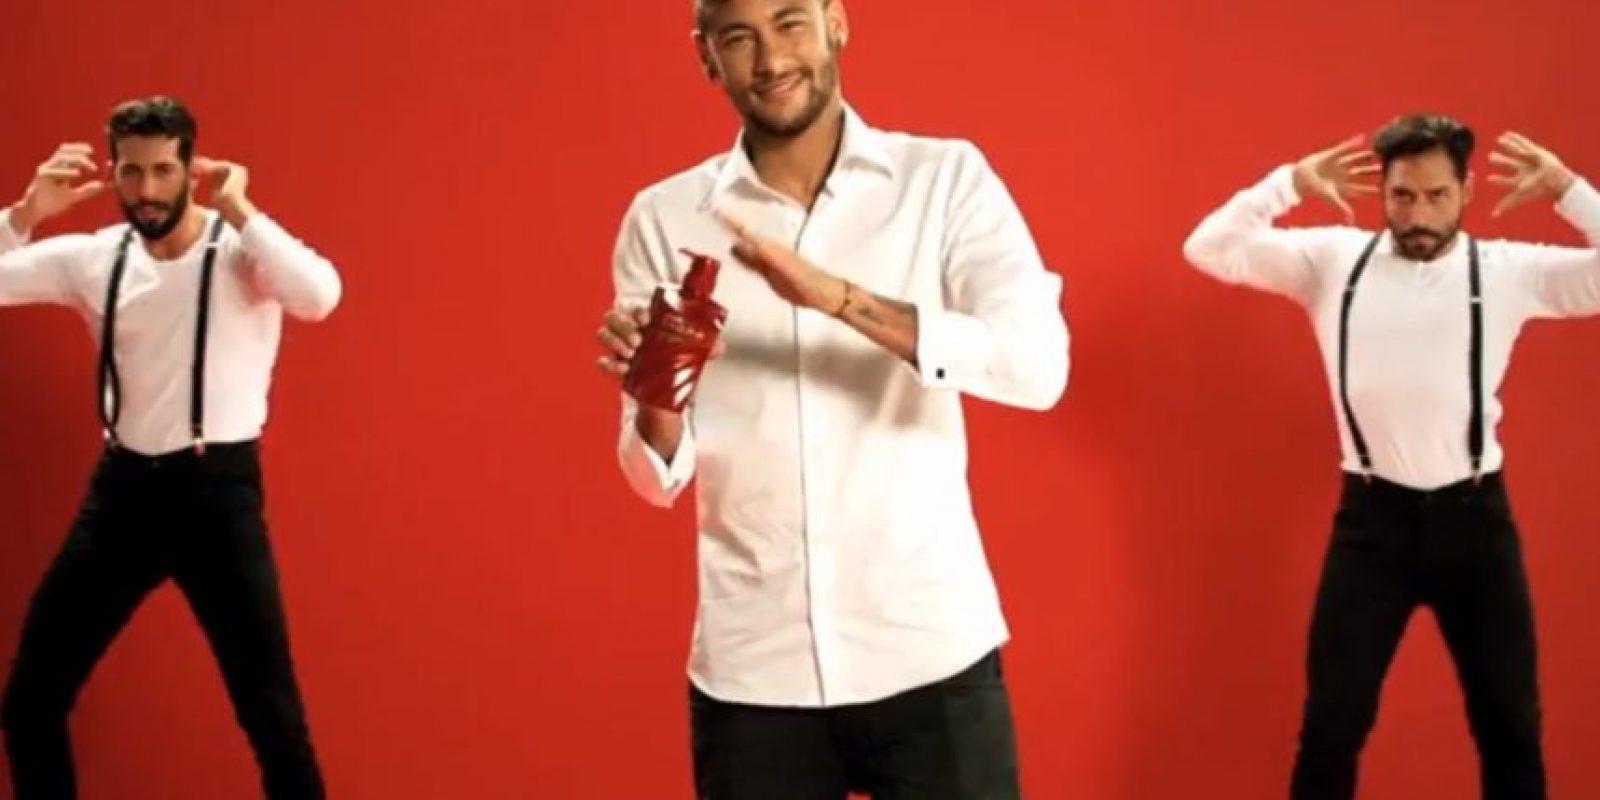 El brasileño realizó un comercial para la marca Angfa Foto:Youtube: angfaOfficial